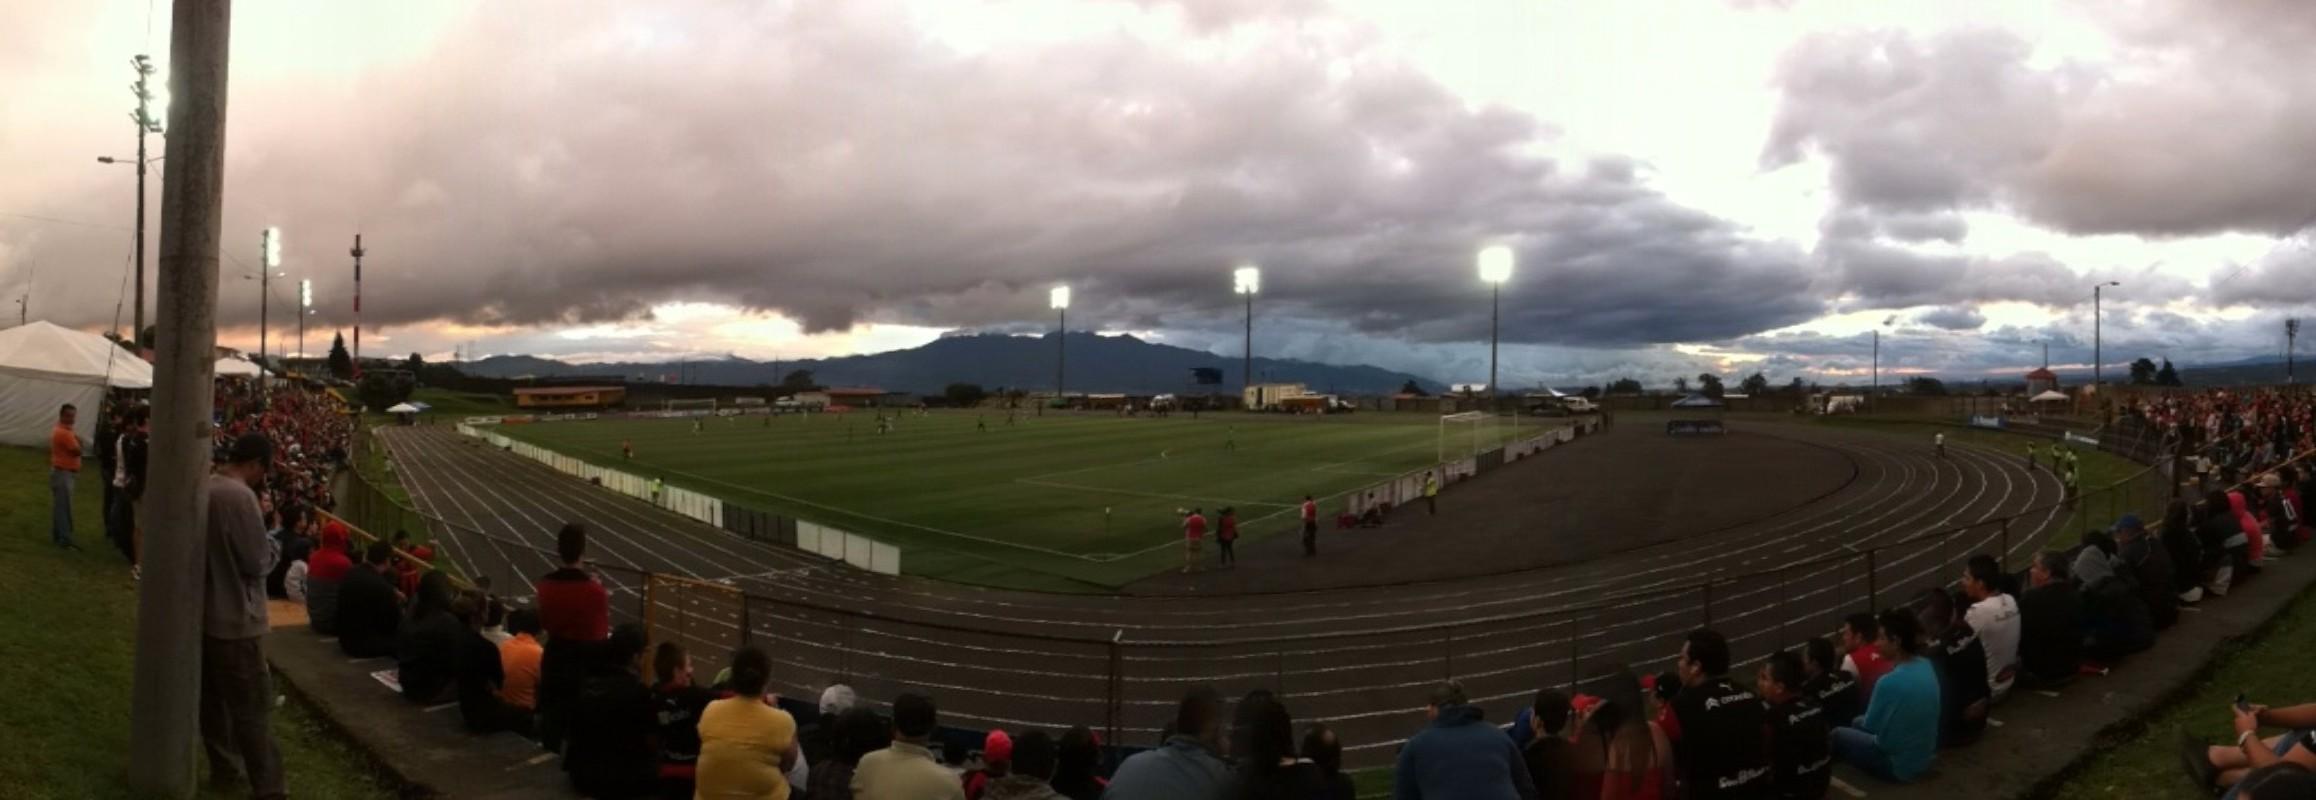 Ubicación: San Isidro, Coronado, San José, Costa Rica. Propietario: Municipalidad de Coronado Detalles técnicos: Superficie: gramilla sintética. Dimensiones: 100 x 72 m. Capacidad: 2500 espectadores